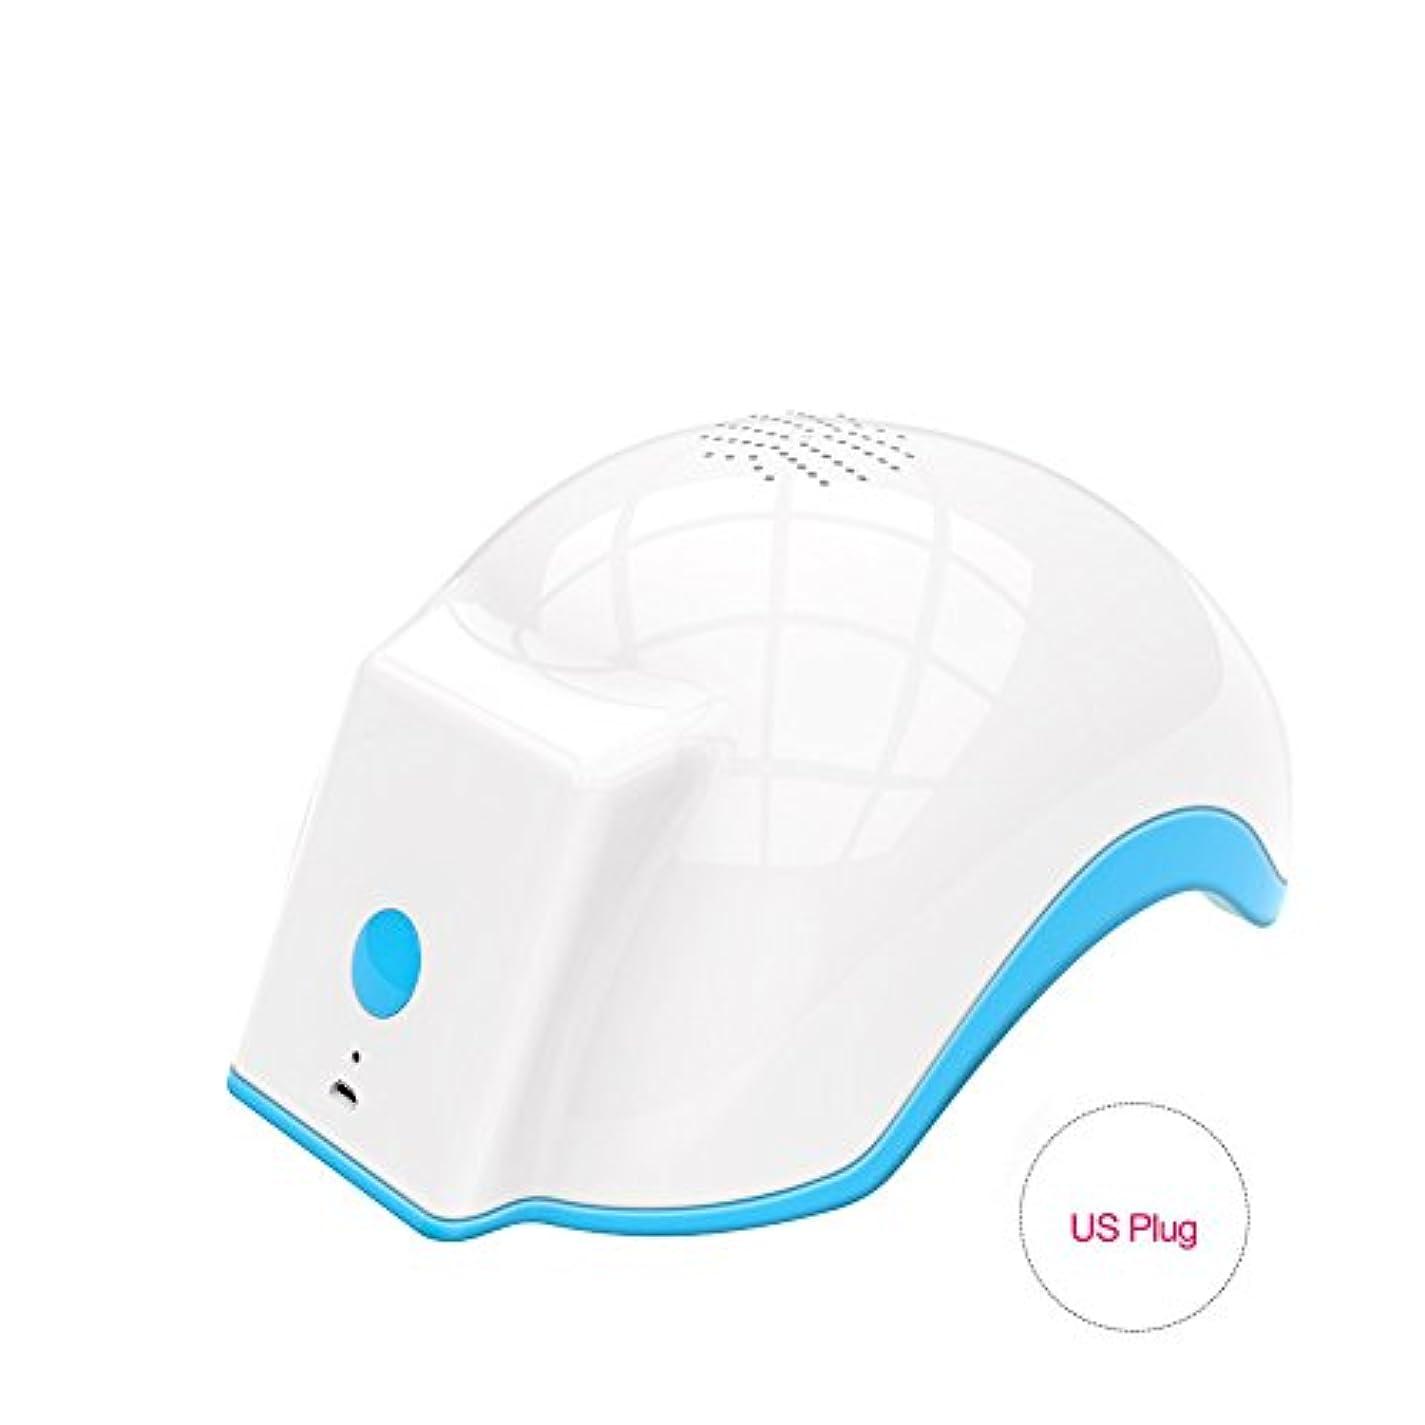 コックしょっぱい釈義育毛ヘルメット、100-240v脱毛脱毛脱毛症キャップは、発毛を促進し、逆間伐、高密度再生(US Plug)